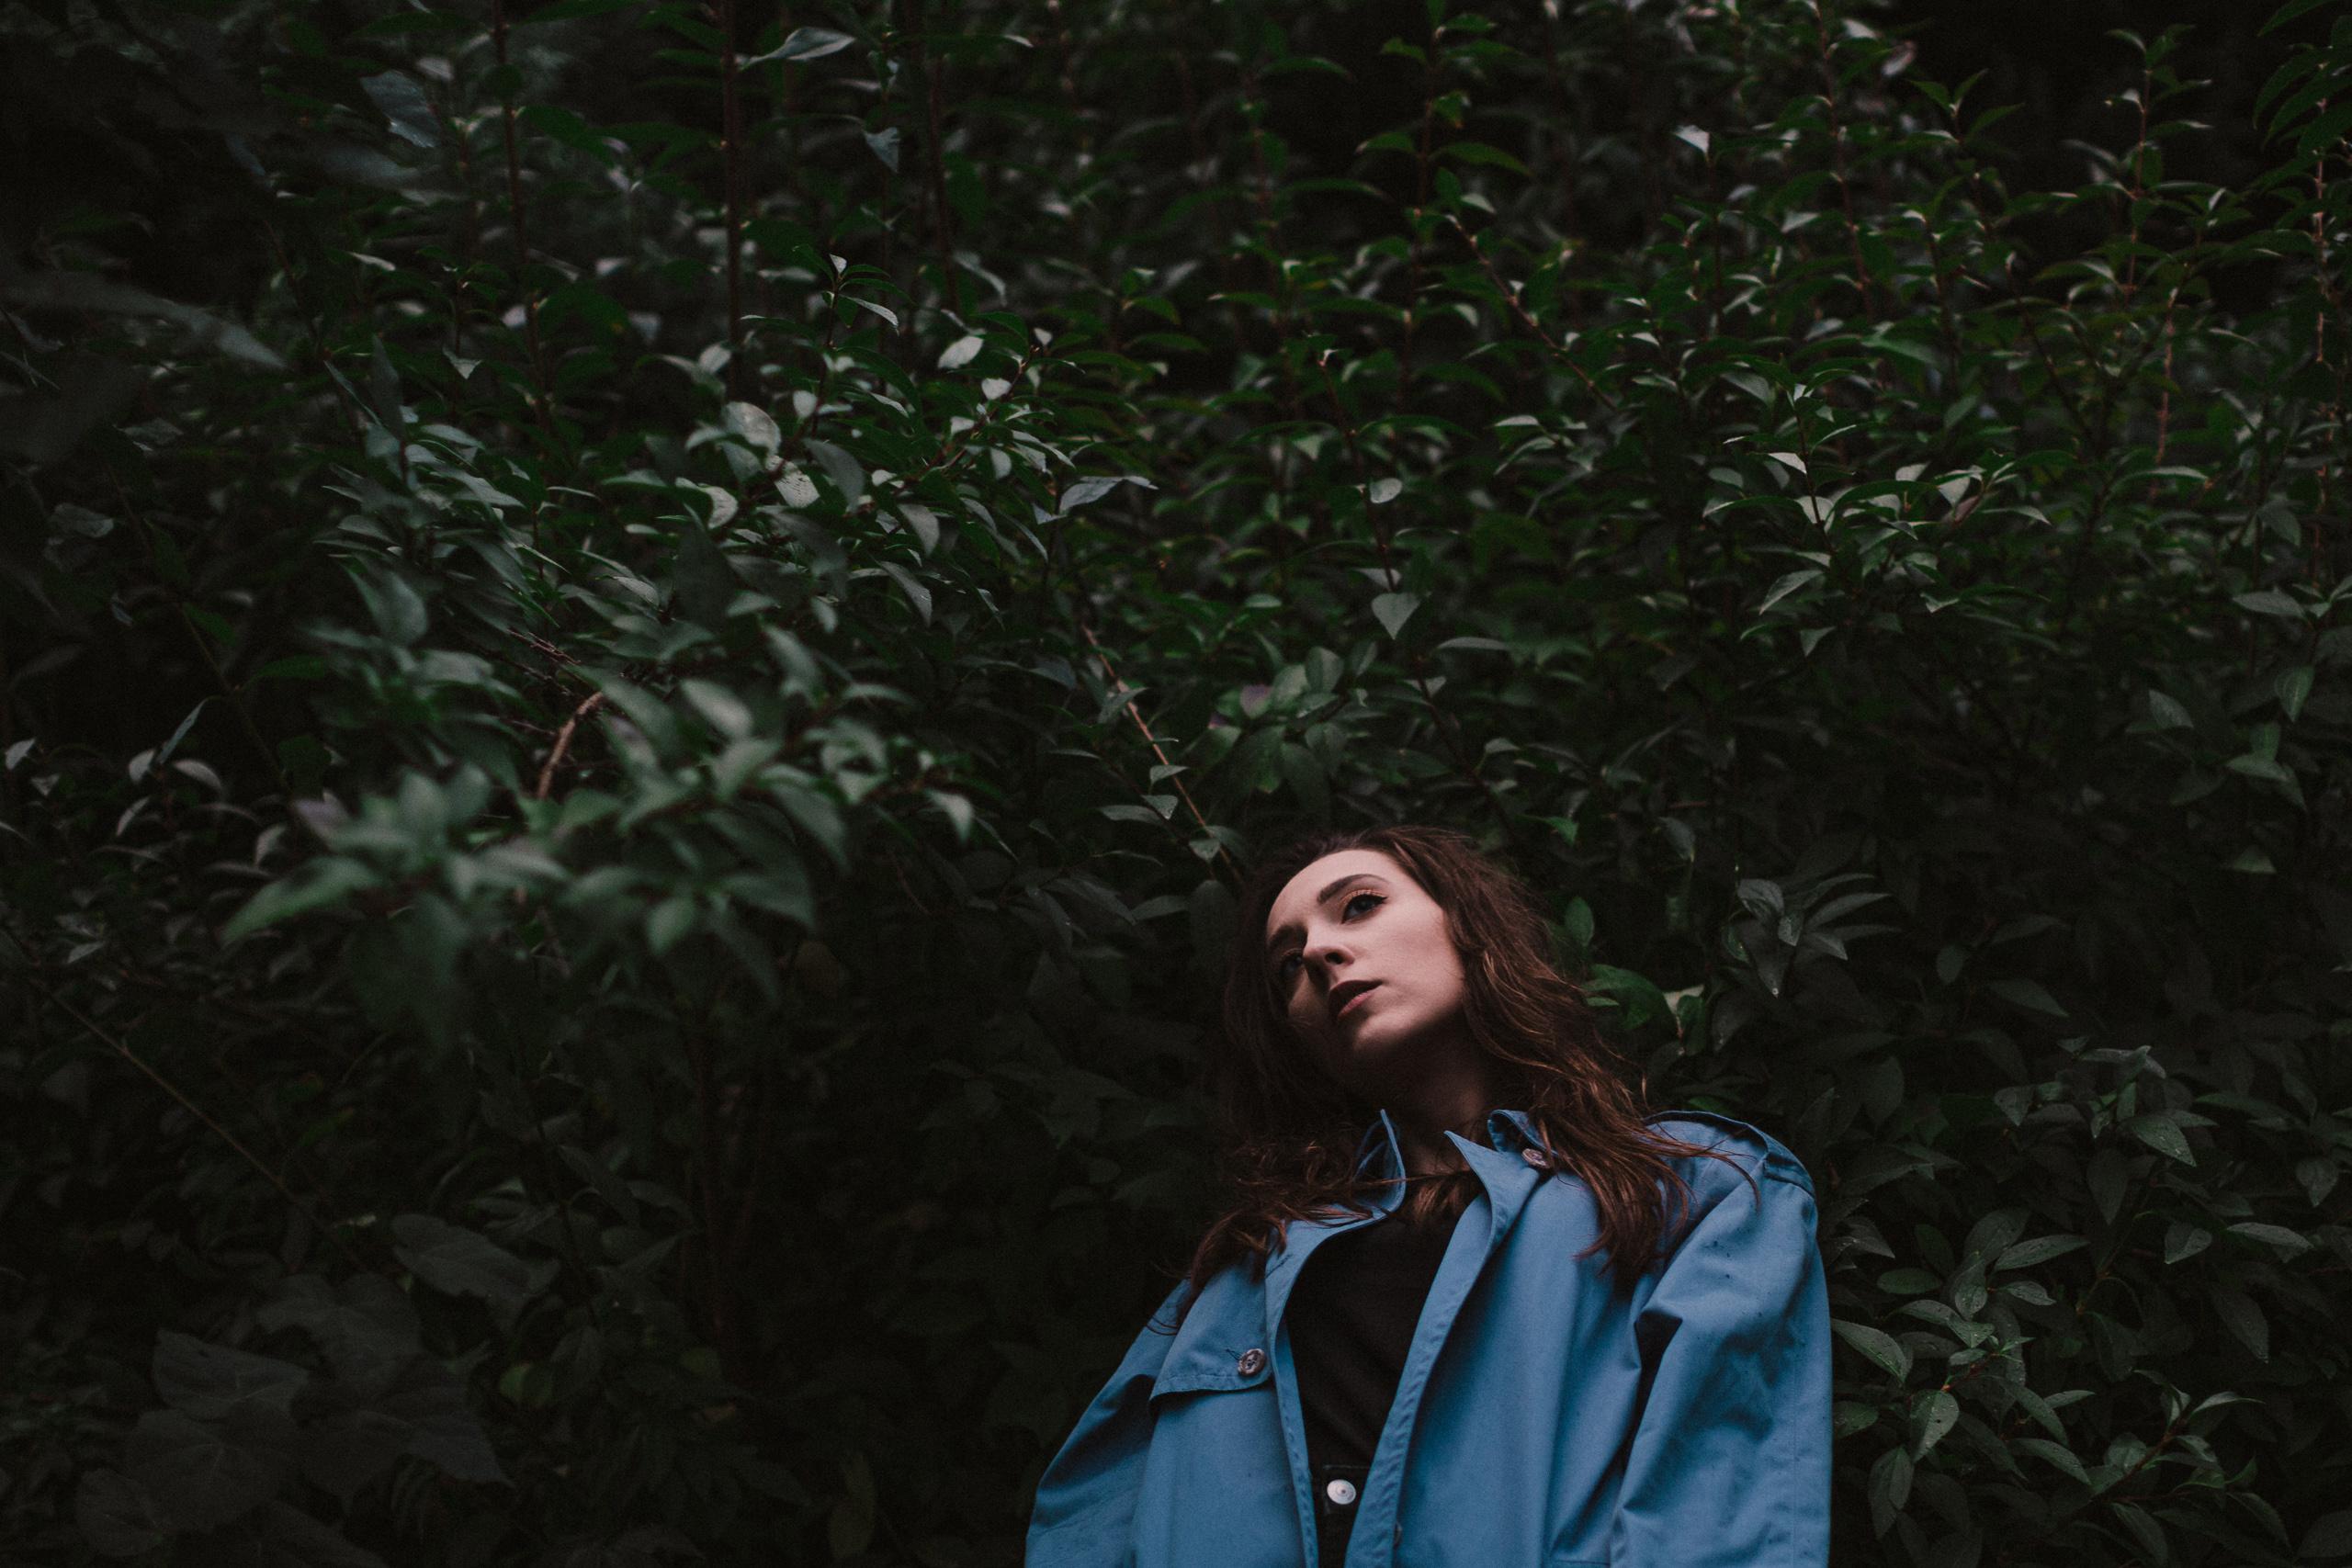 portrety agata sesja slask fotografia 00025